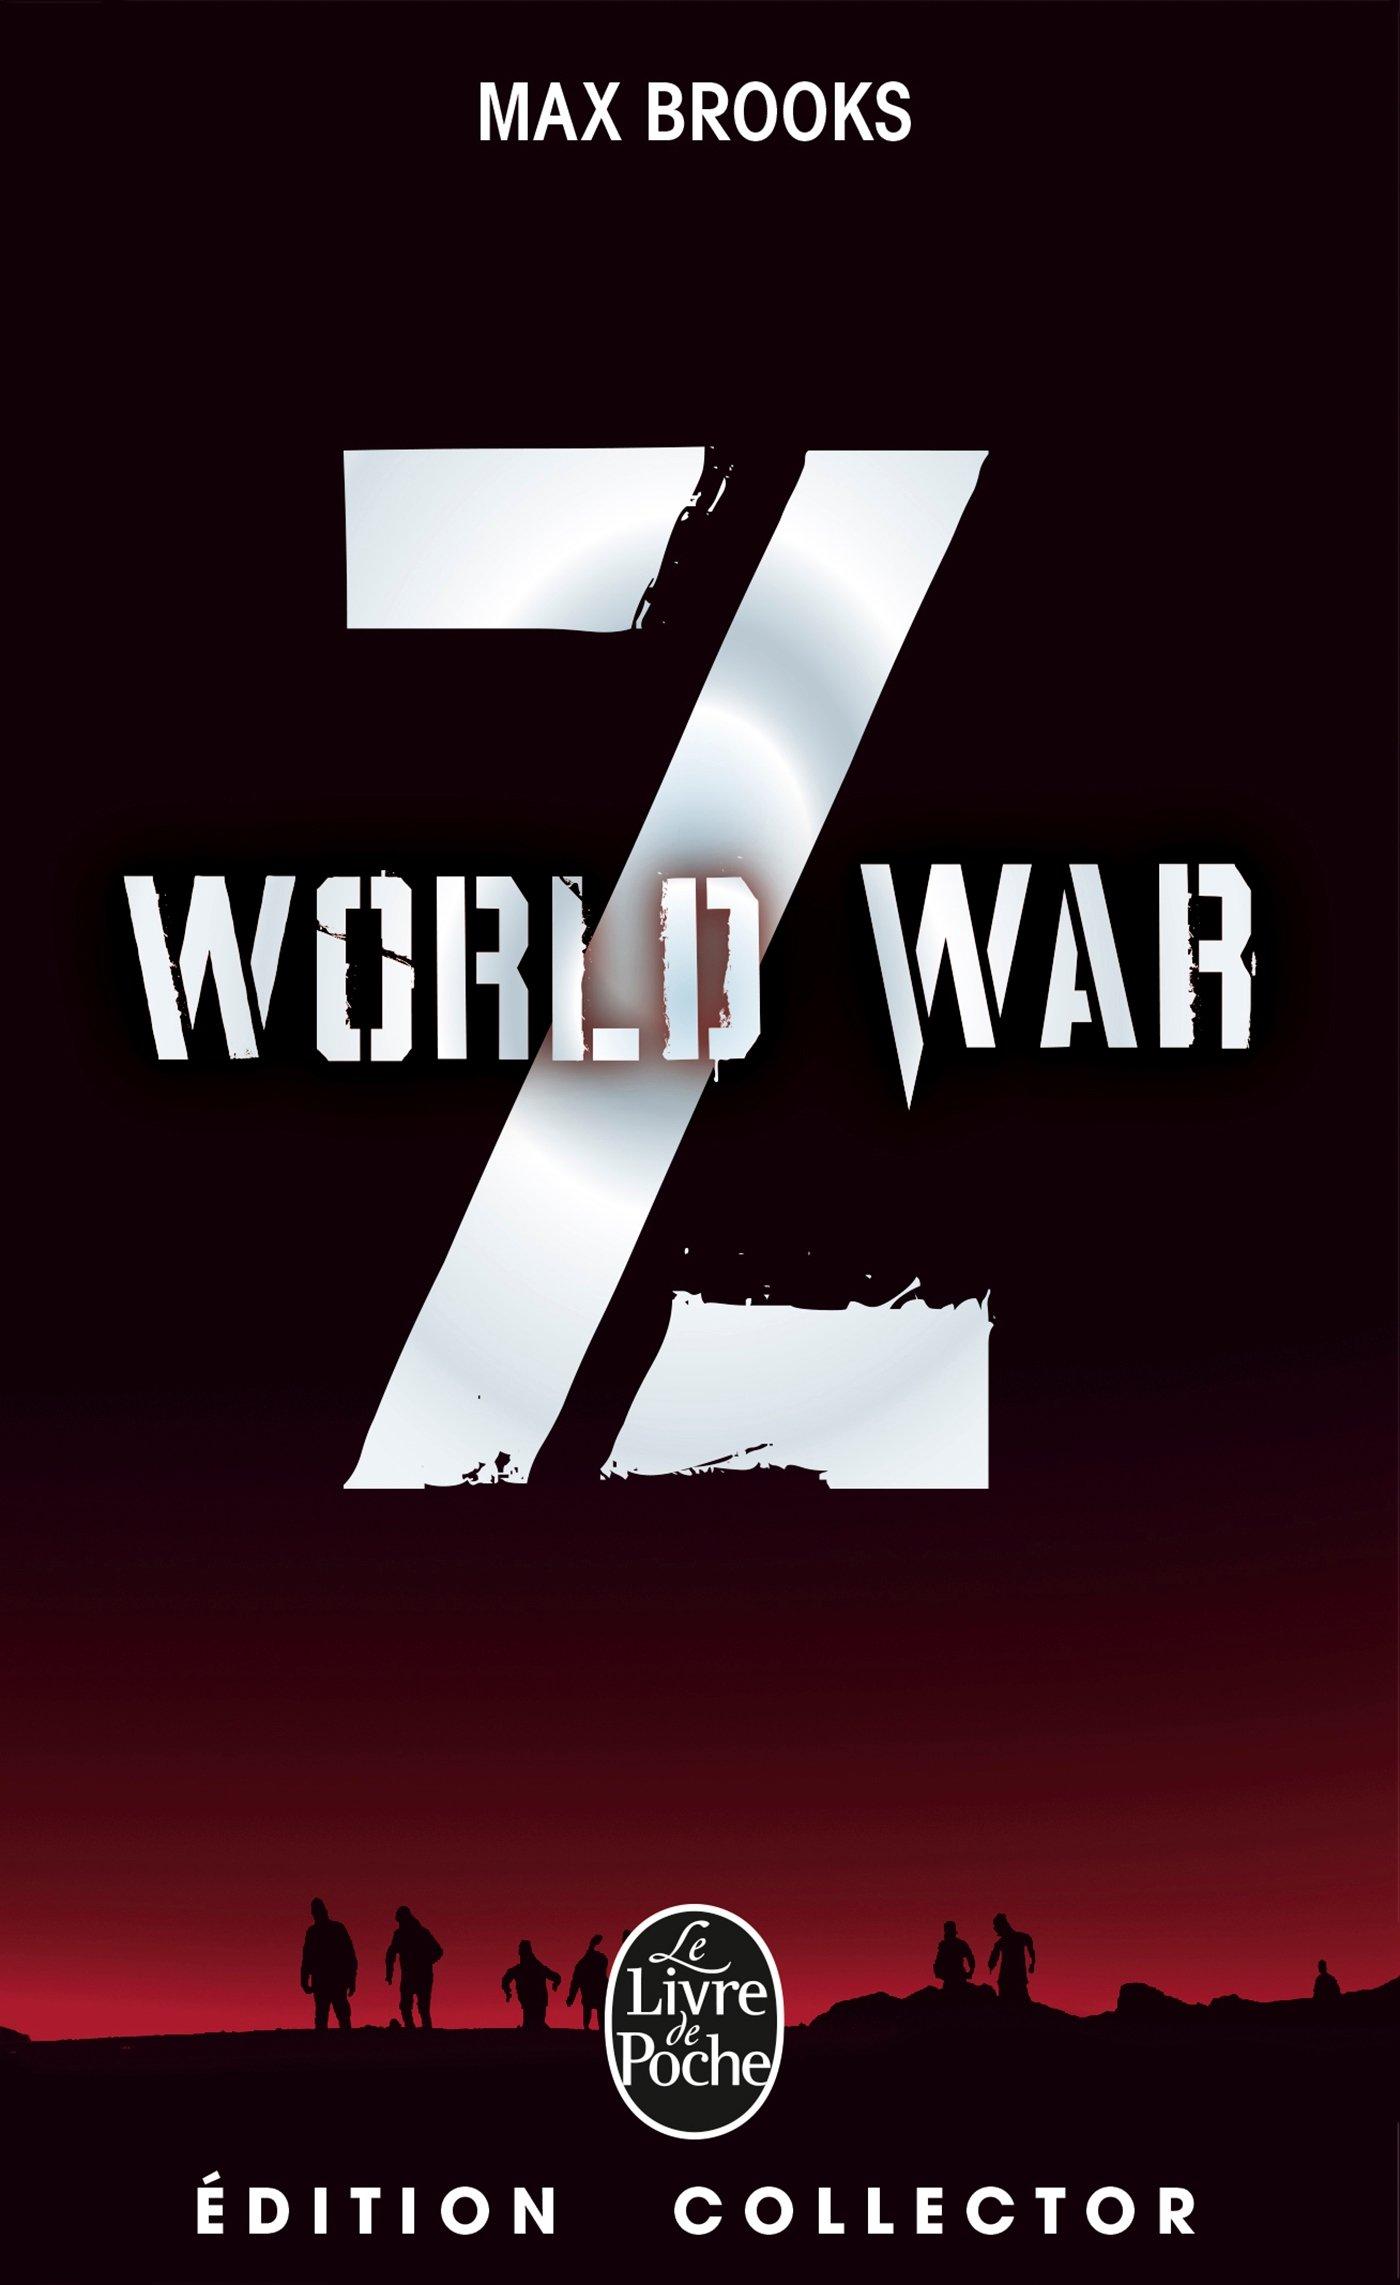 World War Z: Amazon.co.uk: Max Brooks, Patrick Imbert: 9782253169864: Books